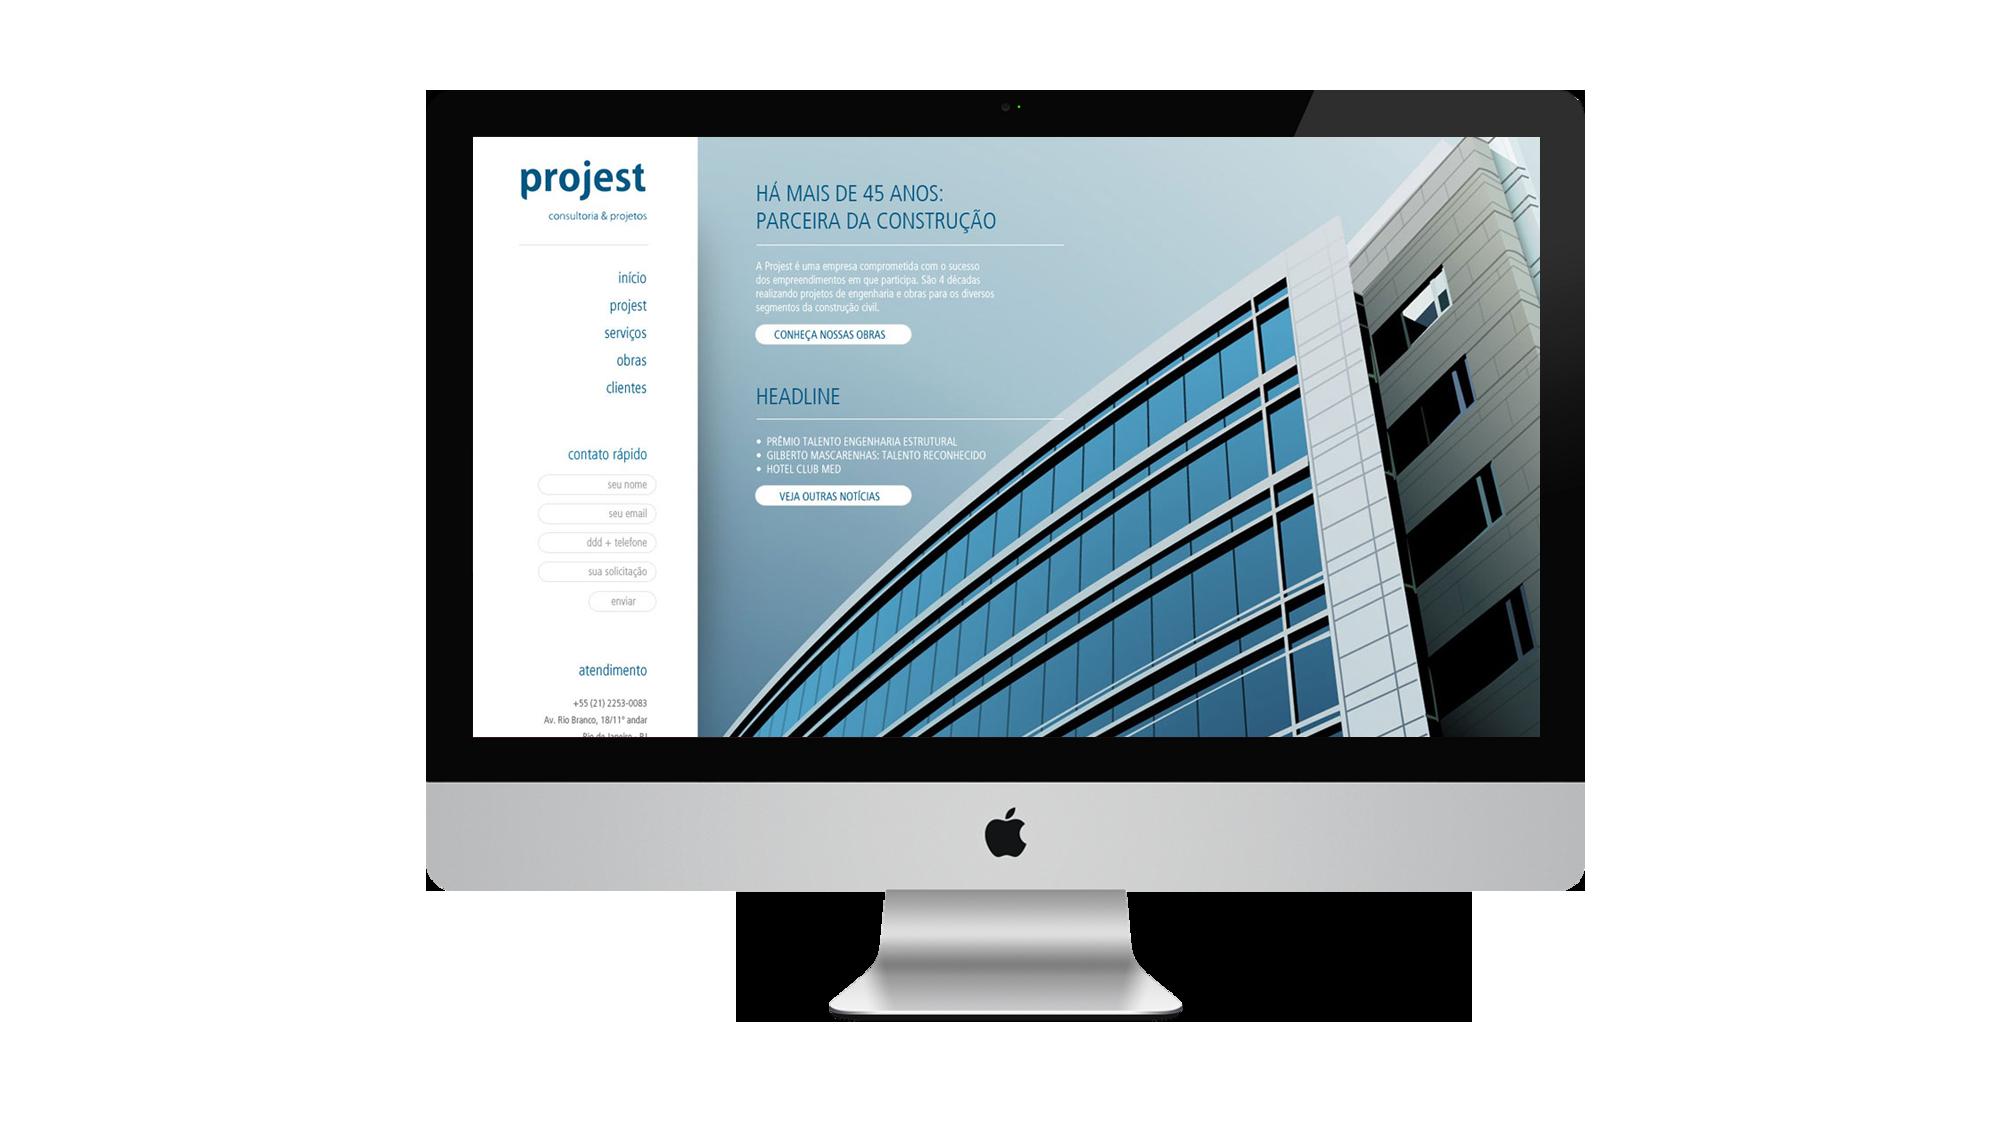 web_projest1